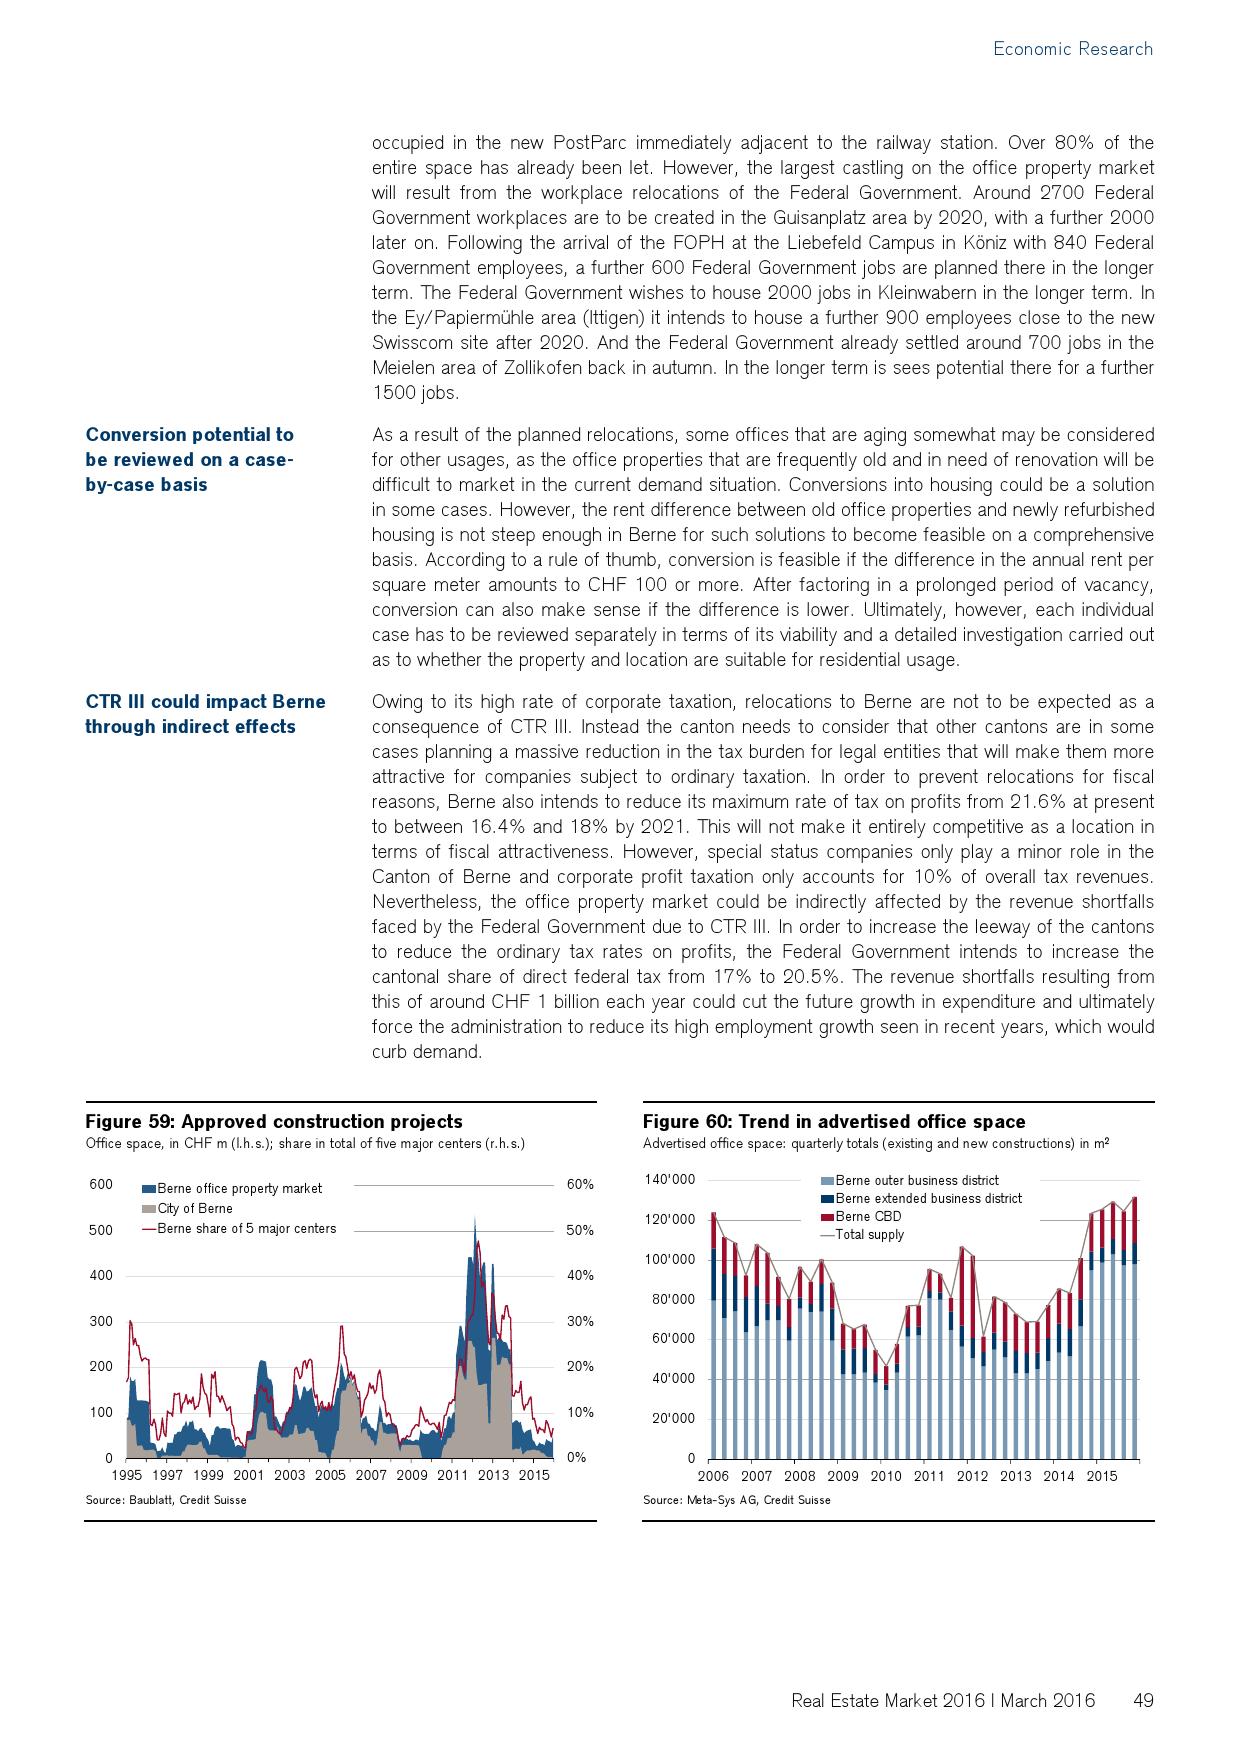 2016年瑞士房地产市场研究报告_000049